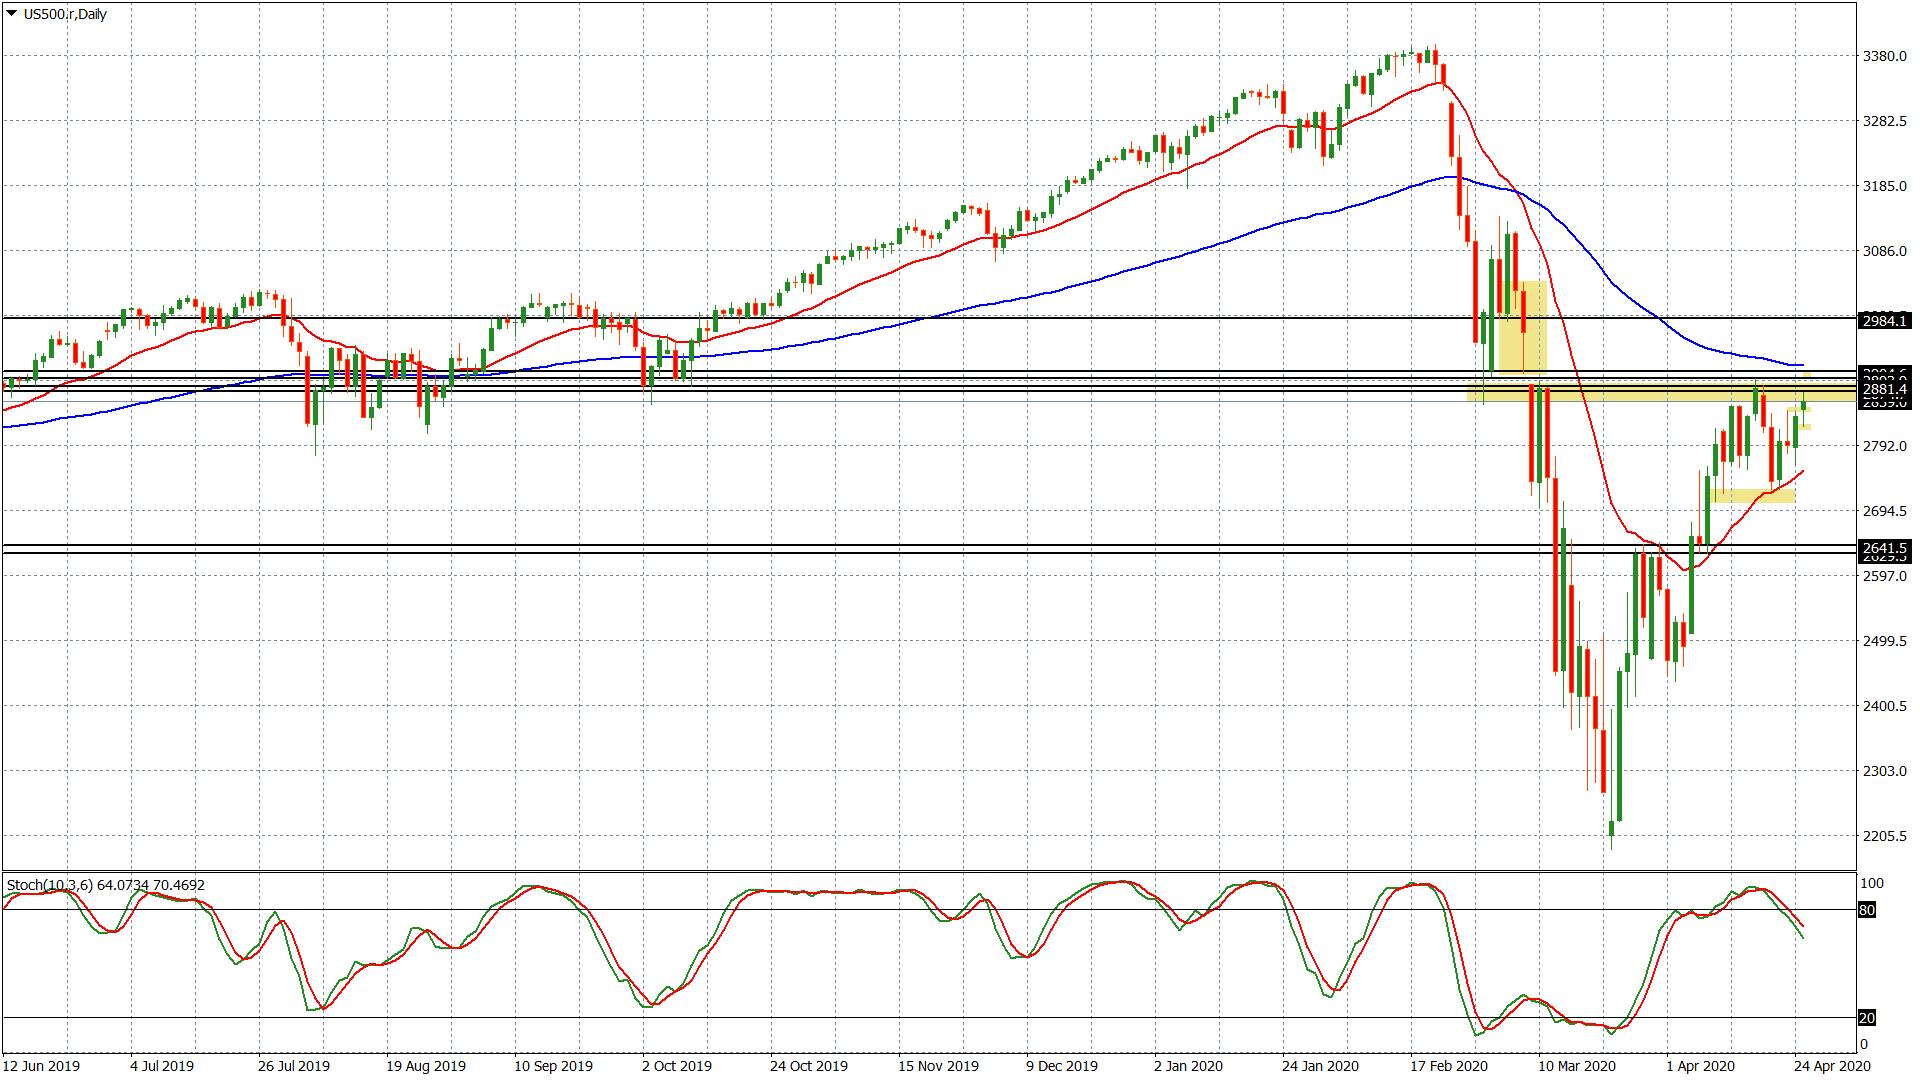 Der S&P 500 ist der Leitinedx der Aktienmärkte in den USA